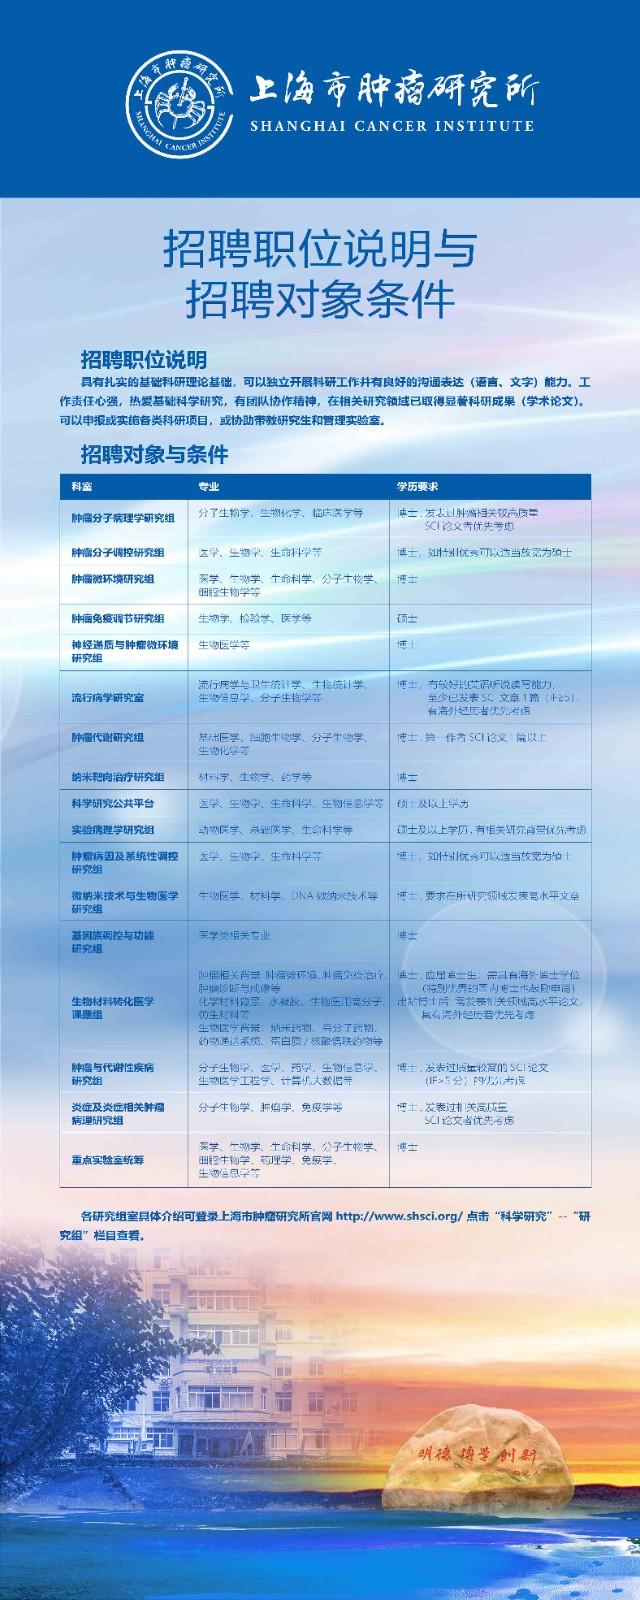 易拉宝-招聘_画板 1 副本-2019.jpg